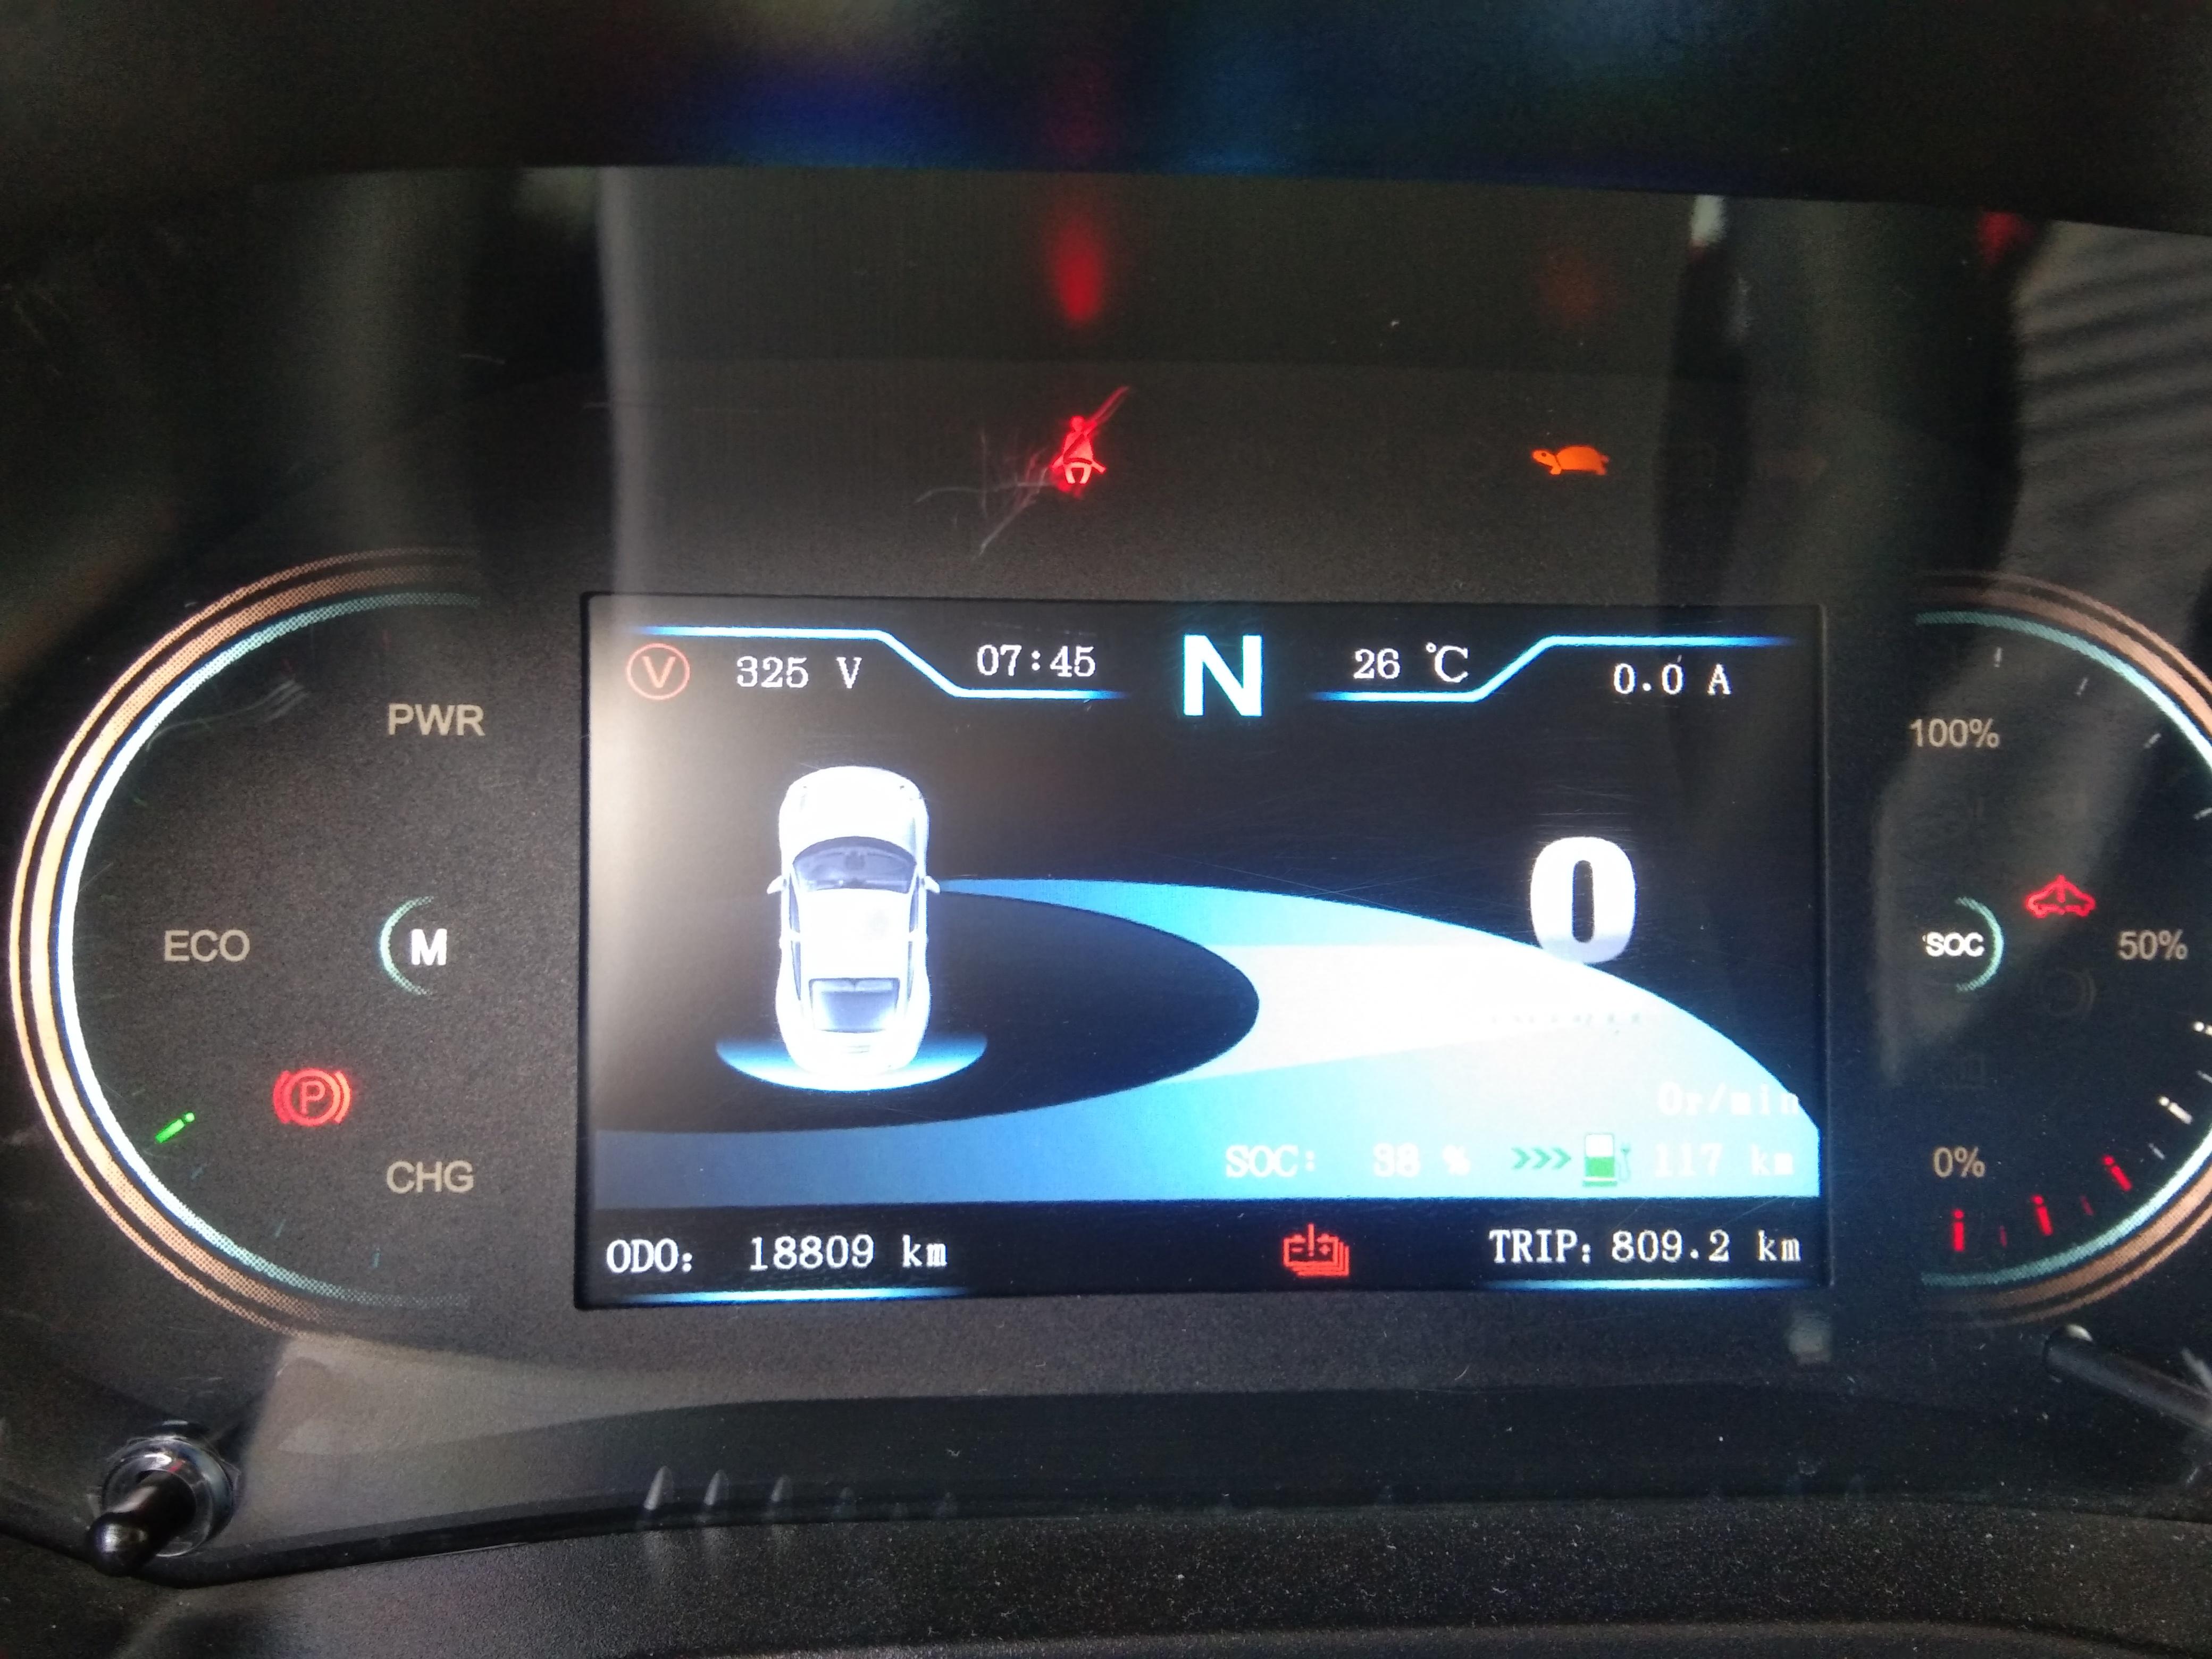 江铃集团新能源易至EX5电池故障频出,望得到有效的解决方案